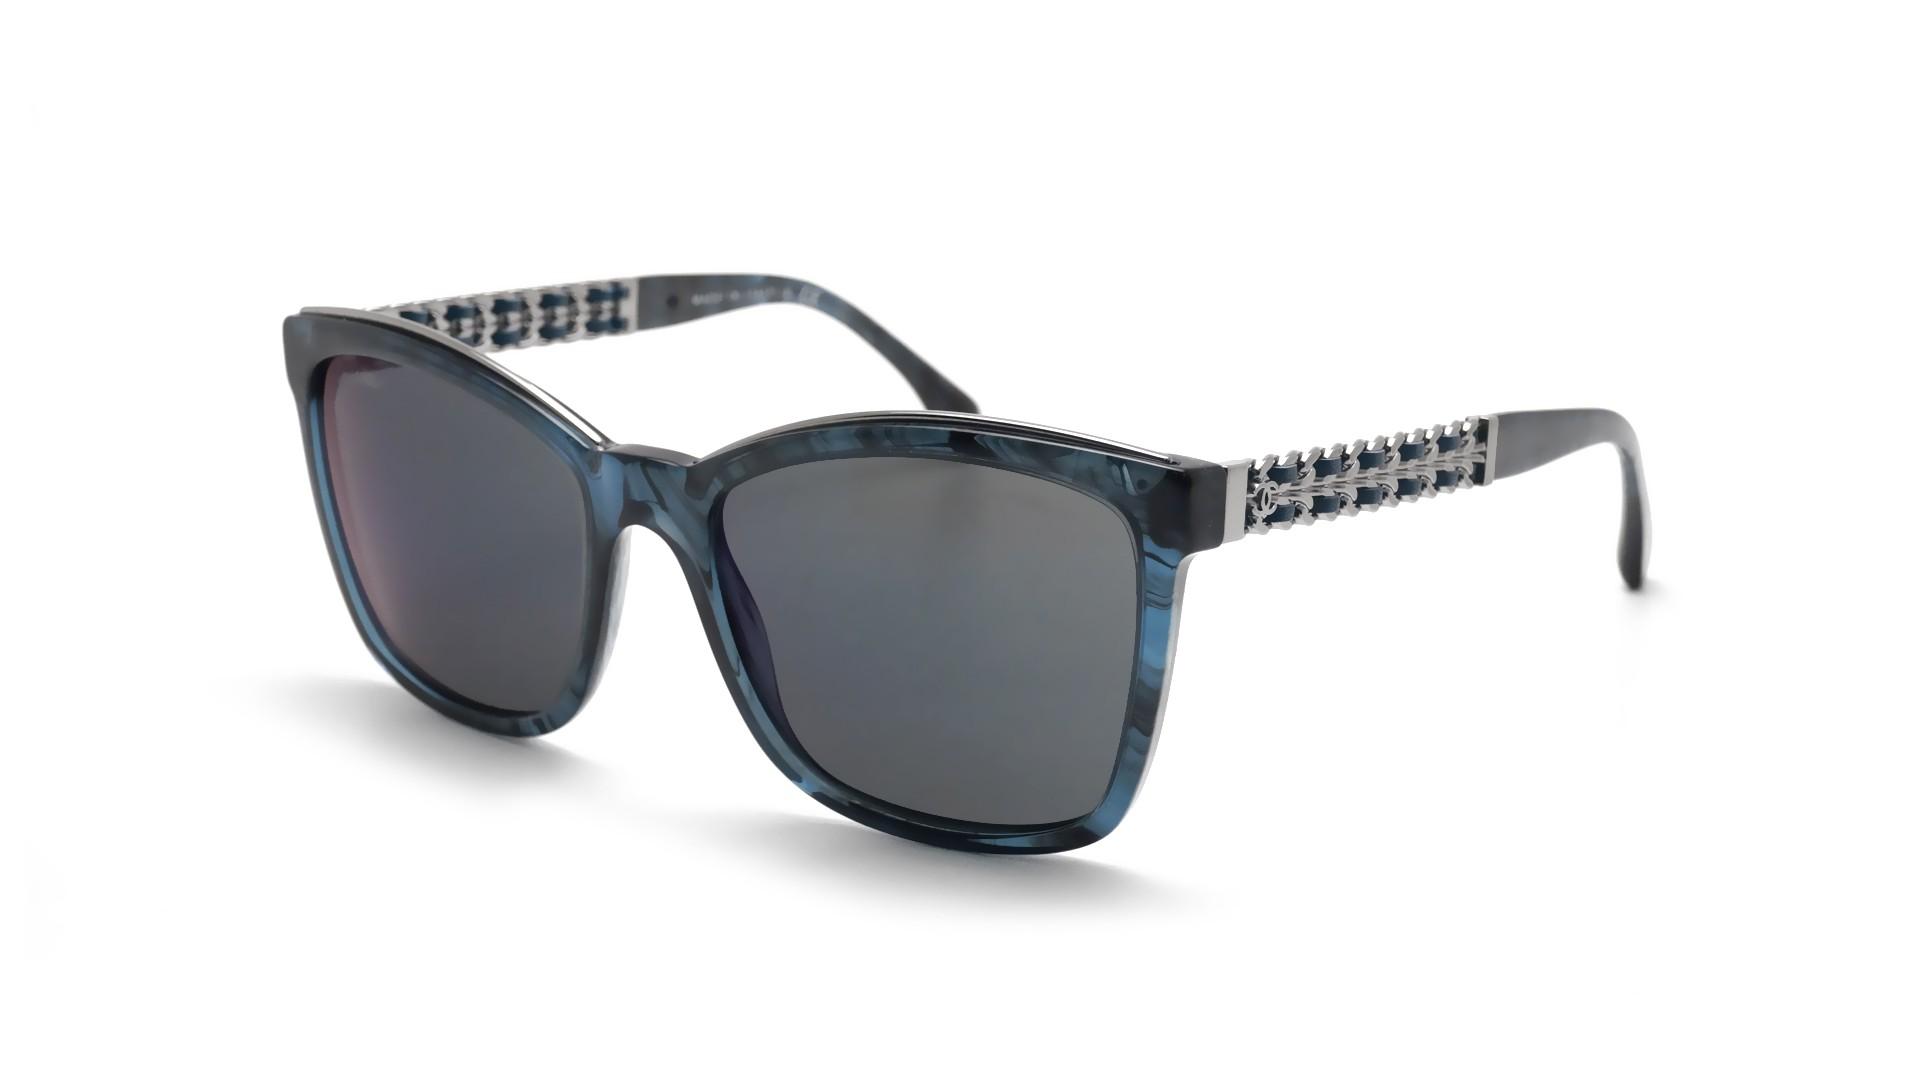 8ab4d7f05c1c3 Lunettes de soleil Chanel Chaîne Bleu CH5360Q 1570Z6 55-18 Medium